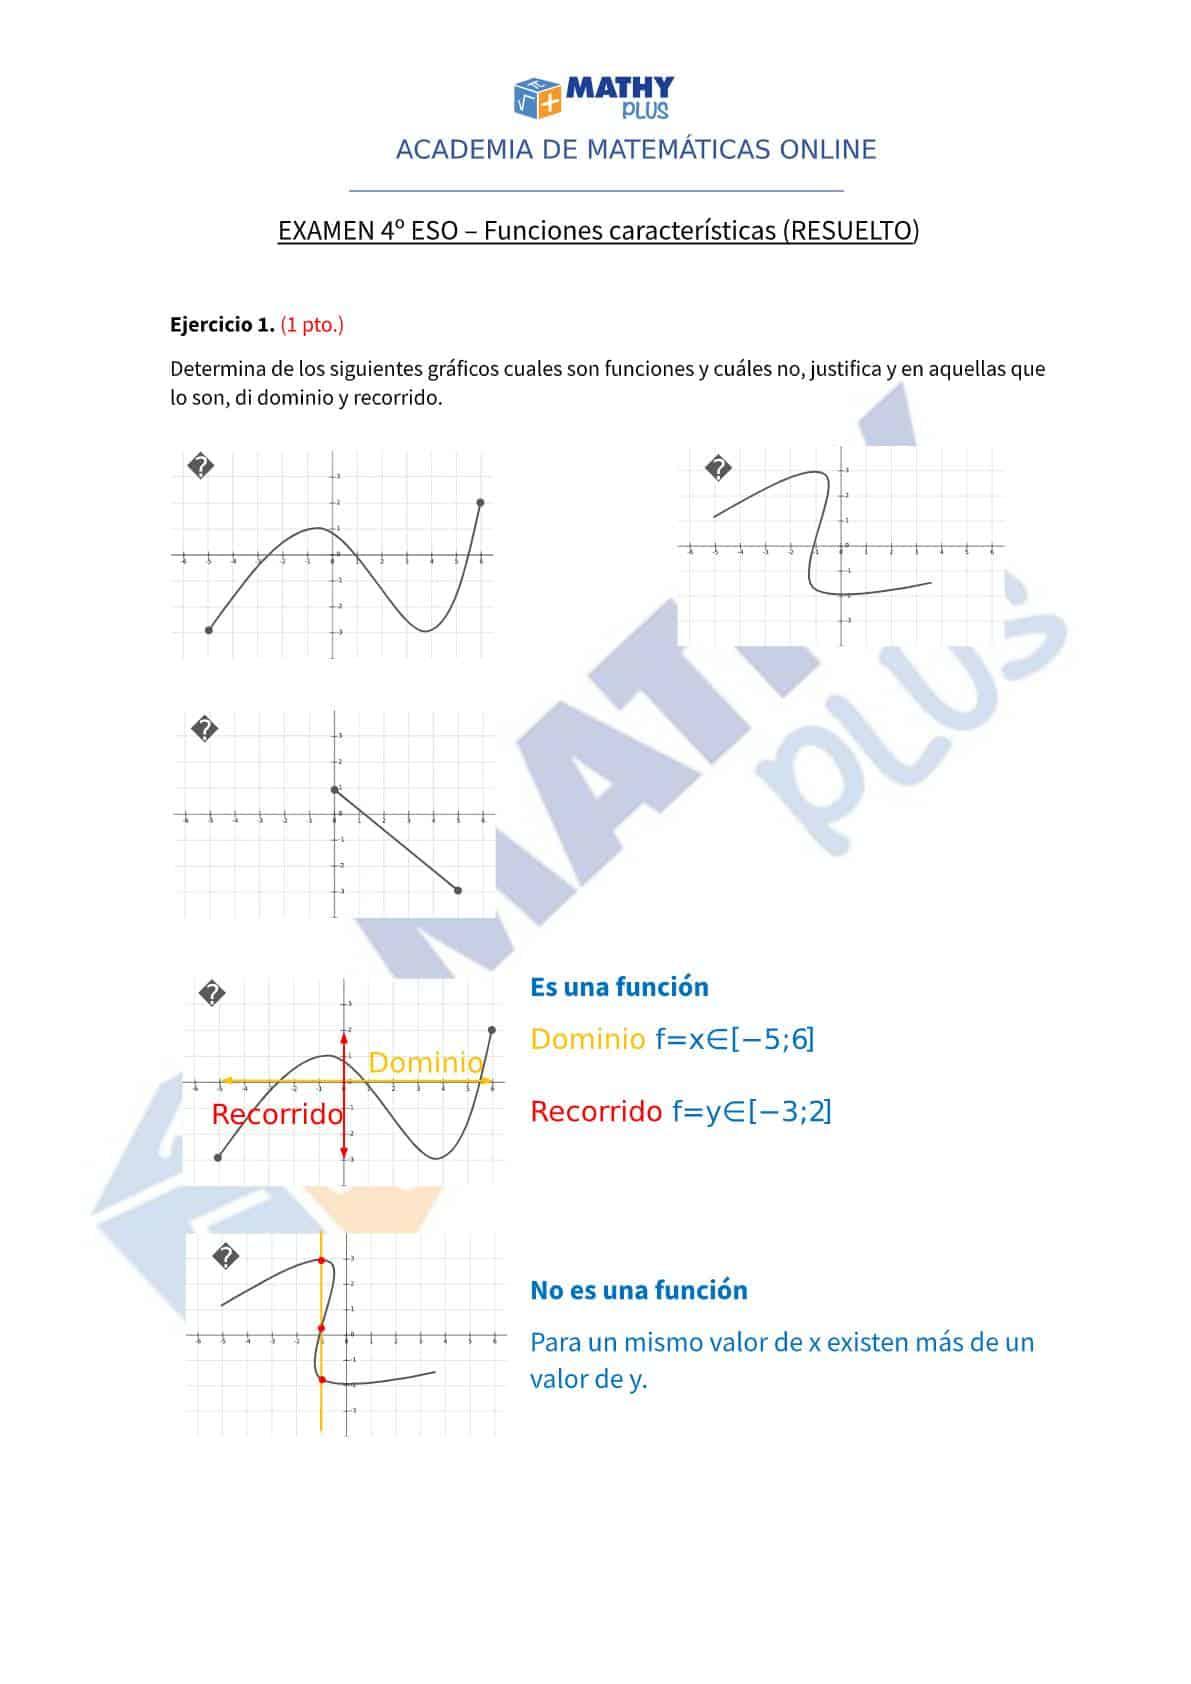 Examen resuelto funciones caracteristicas